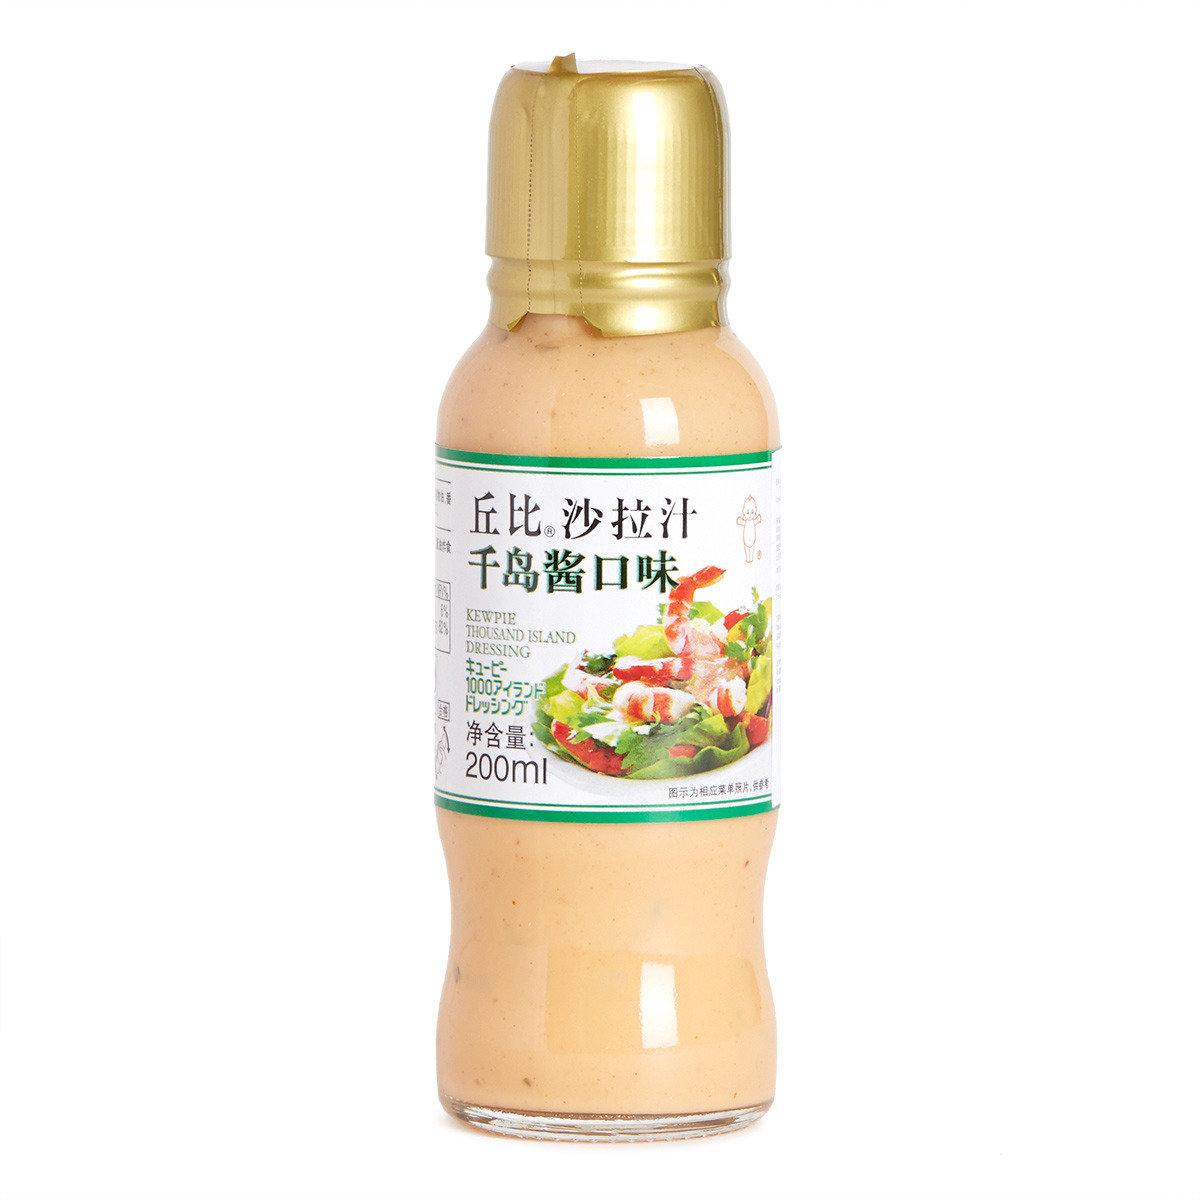 沙拉汁 - 千島醬口味